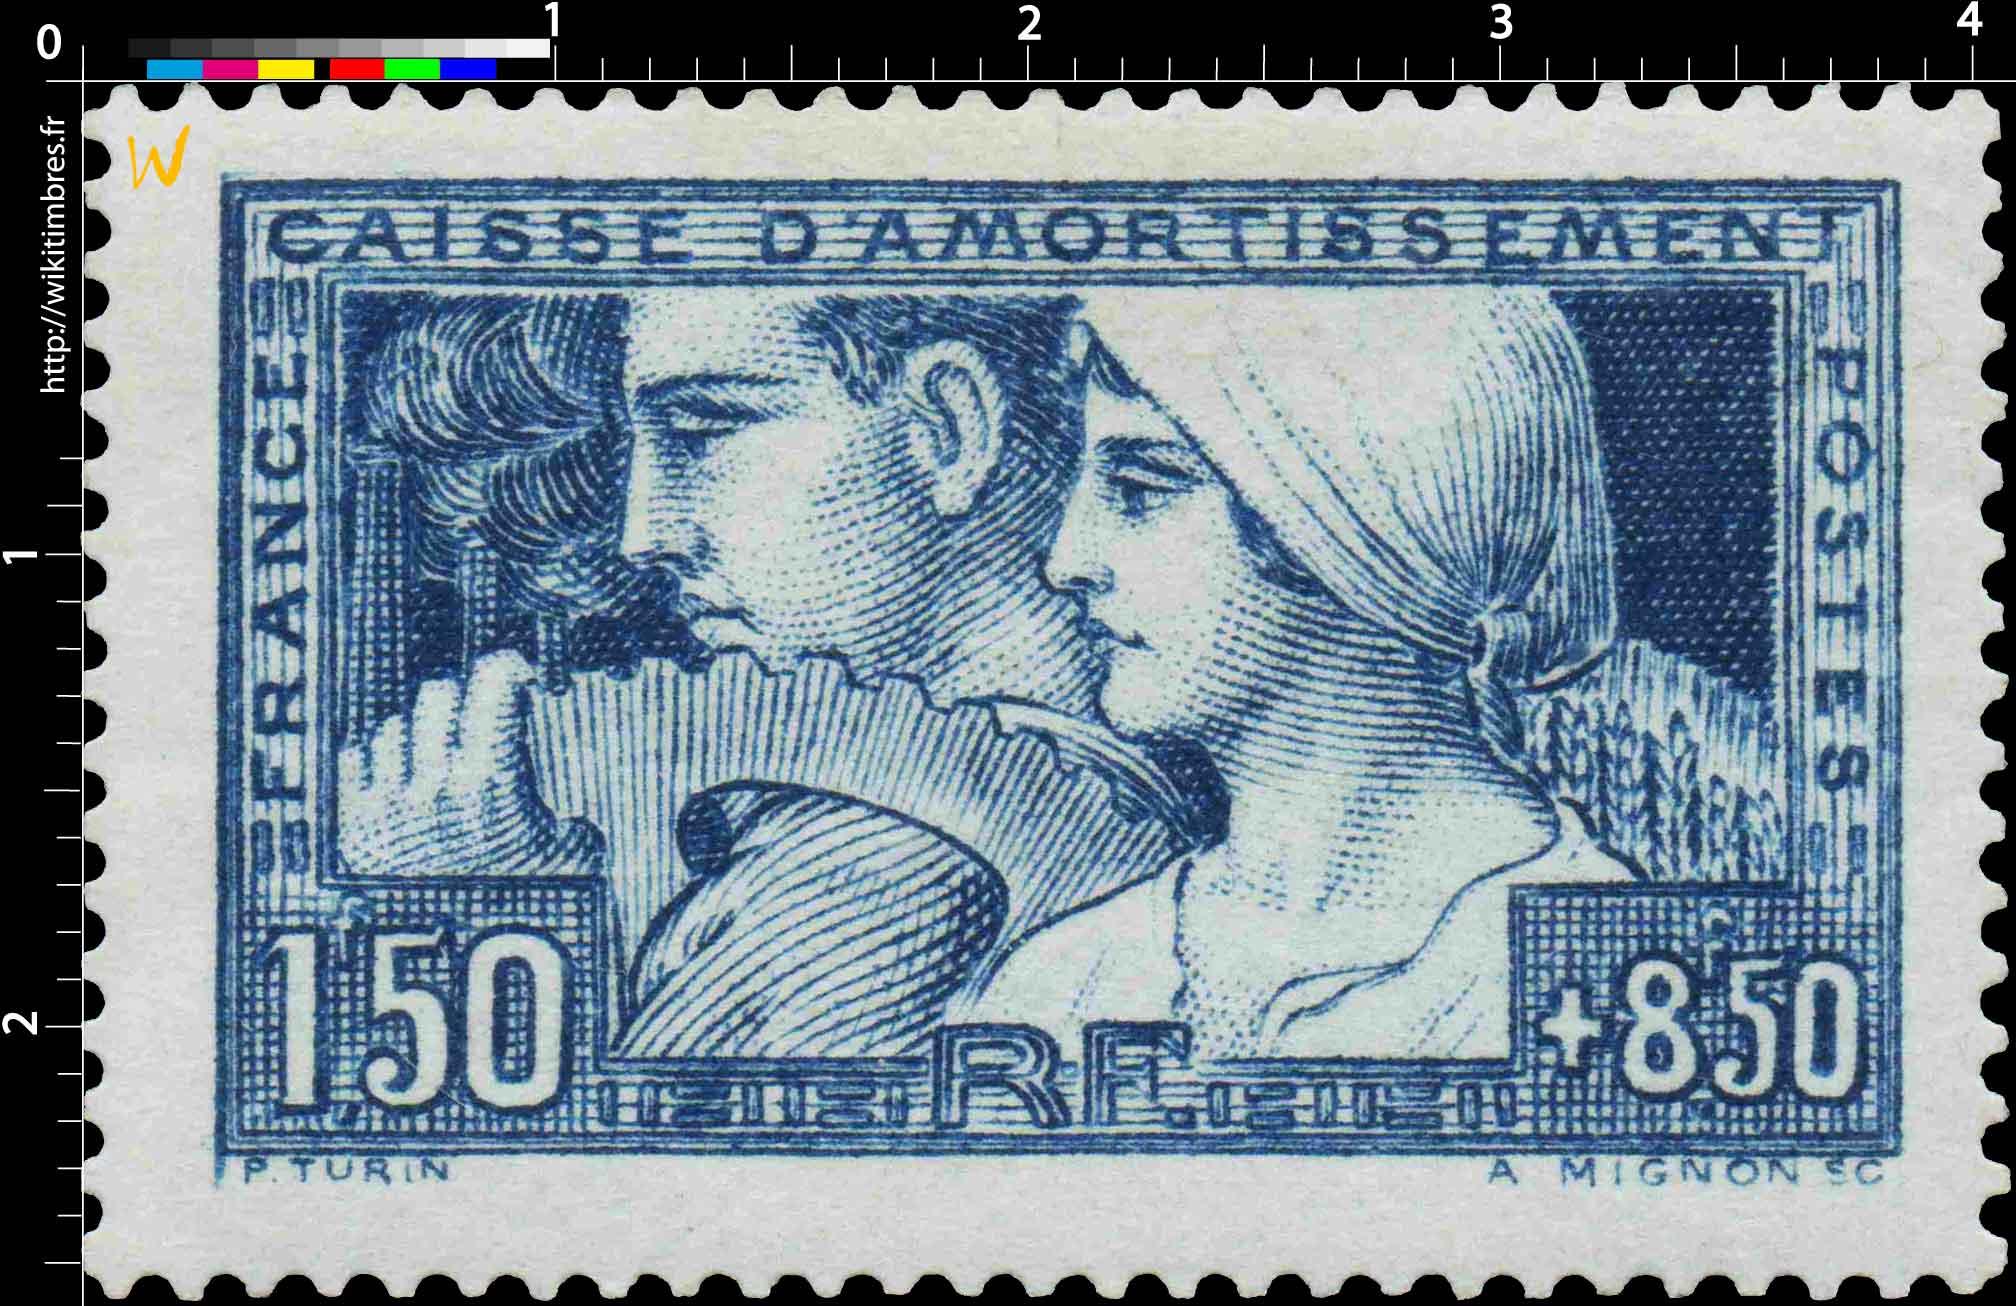 CAISSE D'AMORTISSEMENT